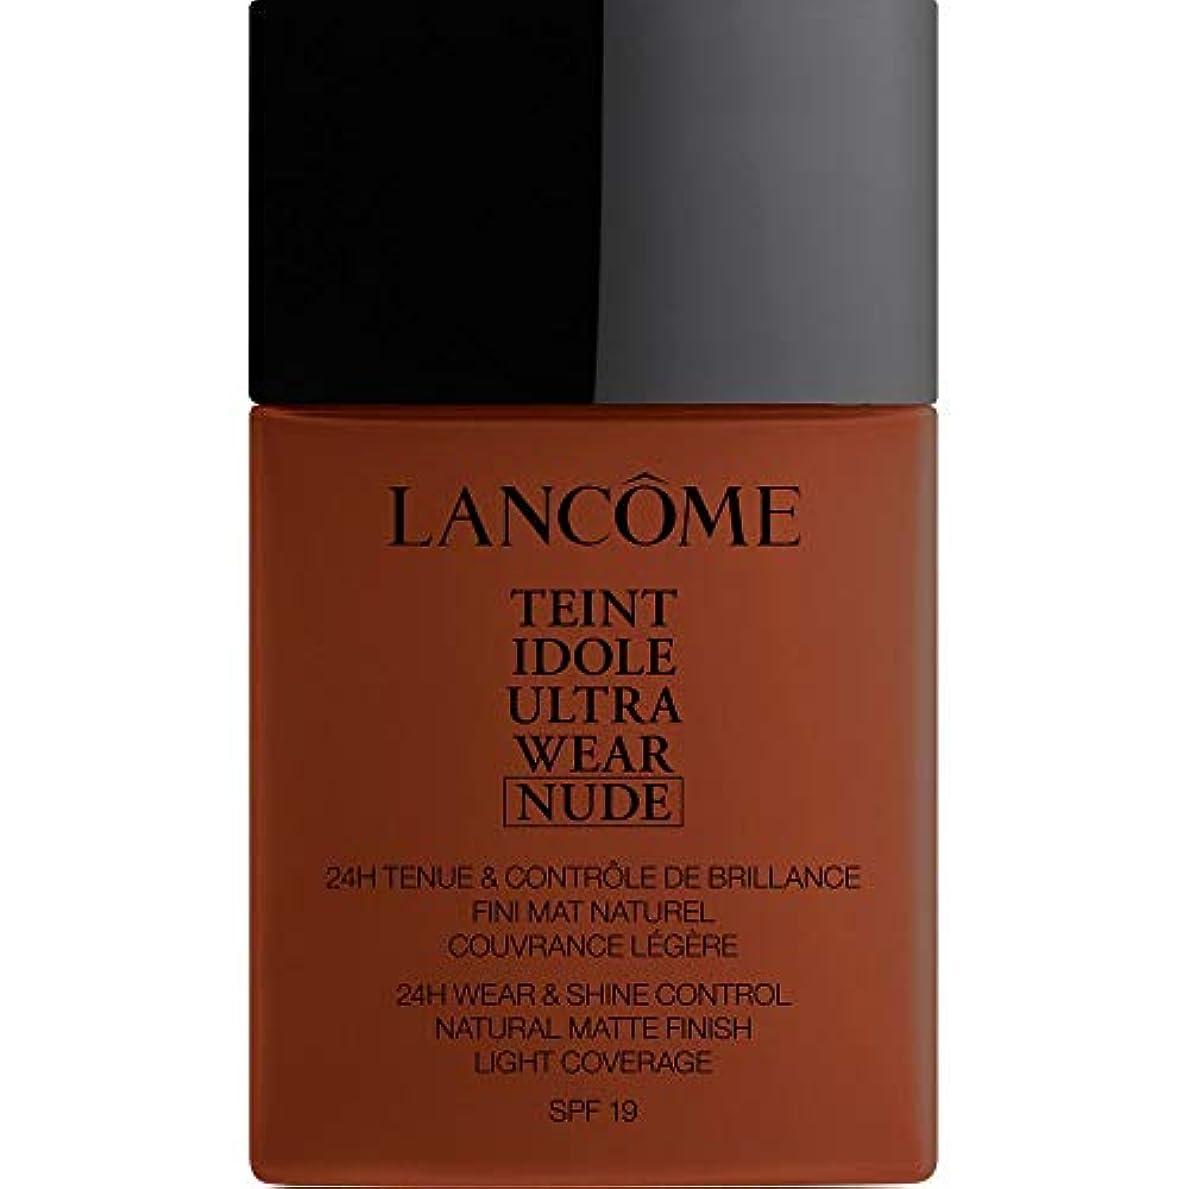 クールエミュレートするしなやか[Lanc?me ] ランコムTeintのIdole超摩耗ヌード財団Spf19の40ミリリットル14 - ブラウニー - Lancome Teint Idole Ultra Wear Nude Foundation SPF19 40ml 14 - Brownie [並行輸入品]